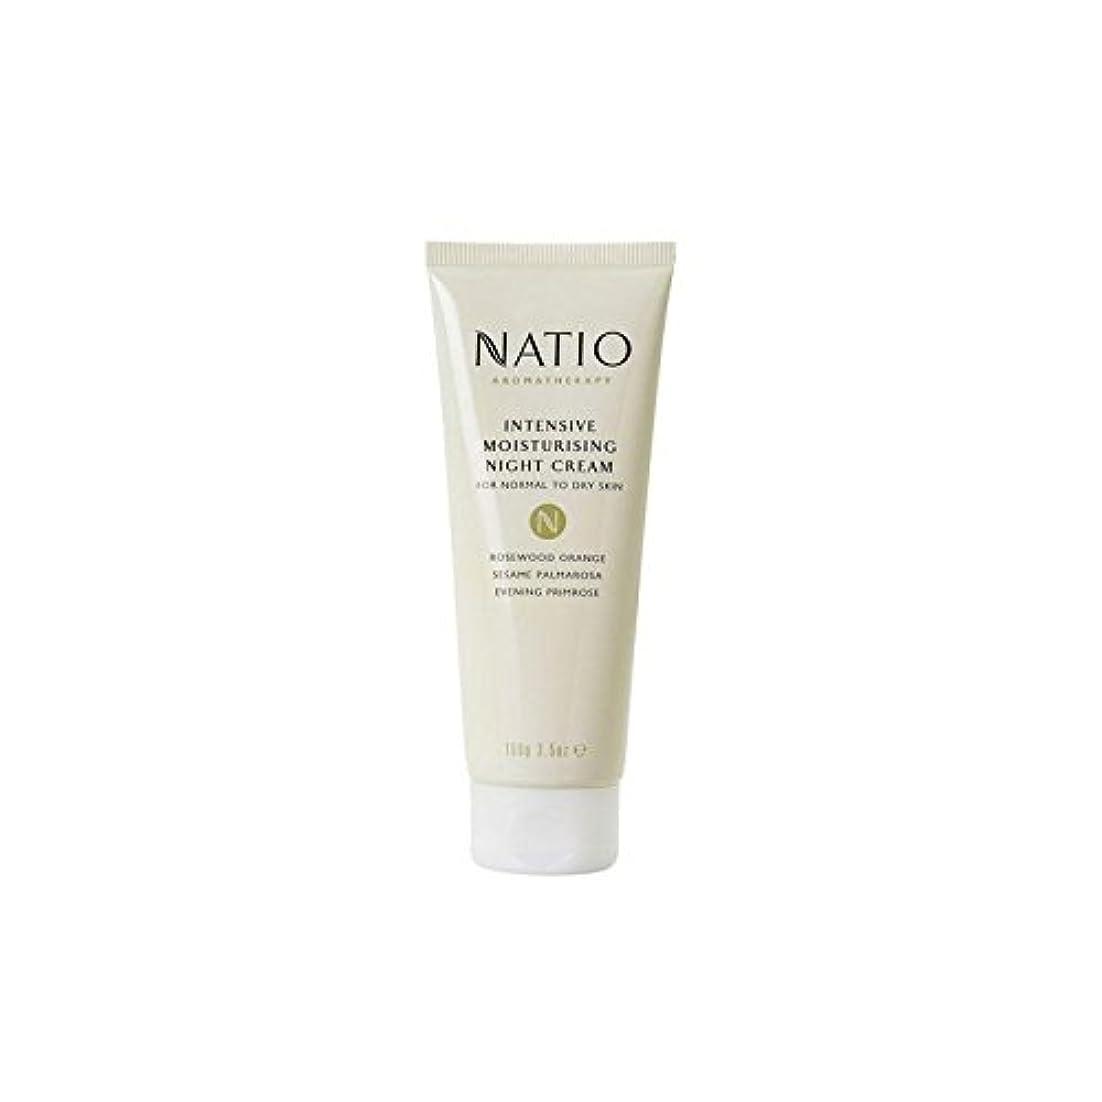 堤防含意学校教育集中的な保湿ナイトクリーム(100グラム) x4 - Natio Intensive Moisturising Night Cream (100G) (Pack of 4) [並行輸入品]